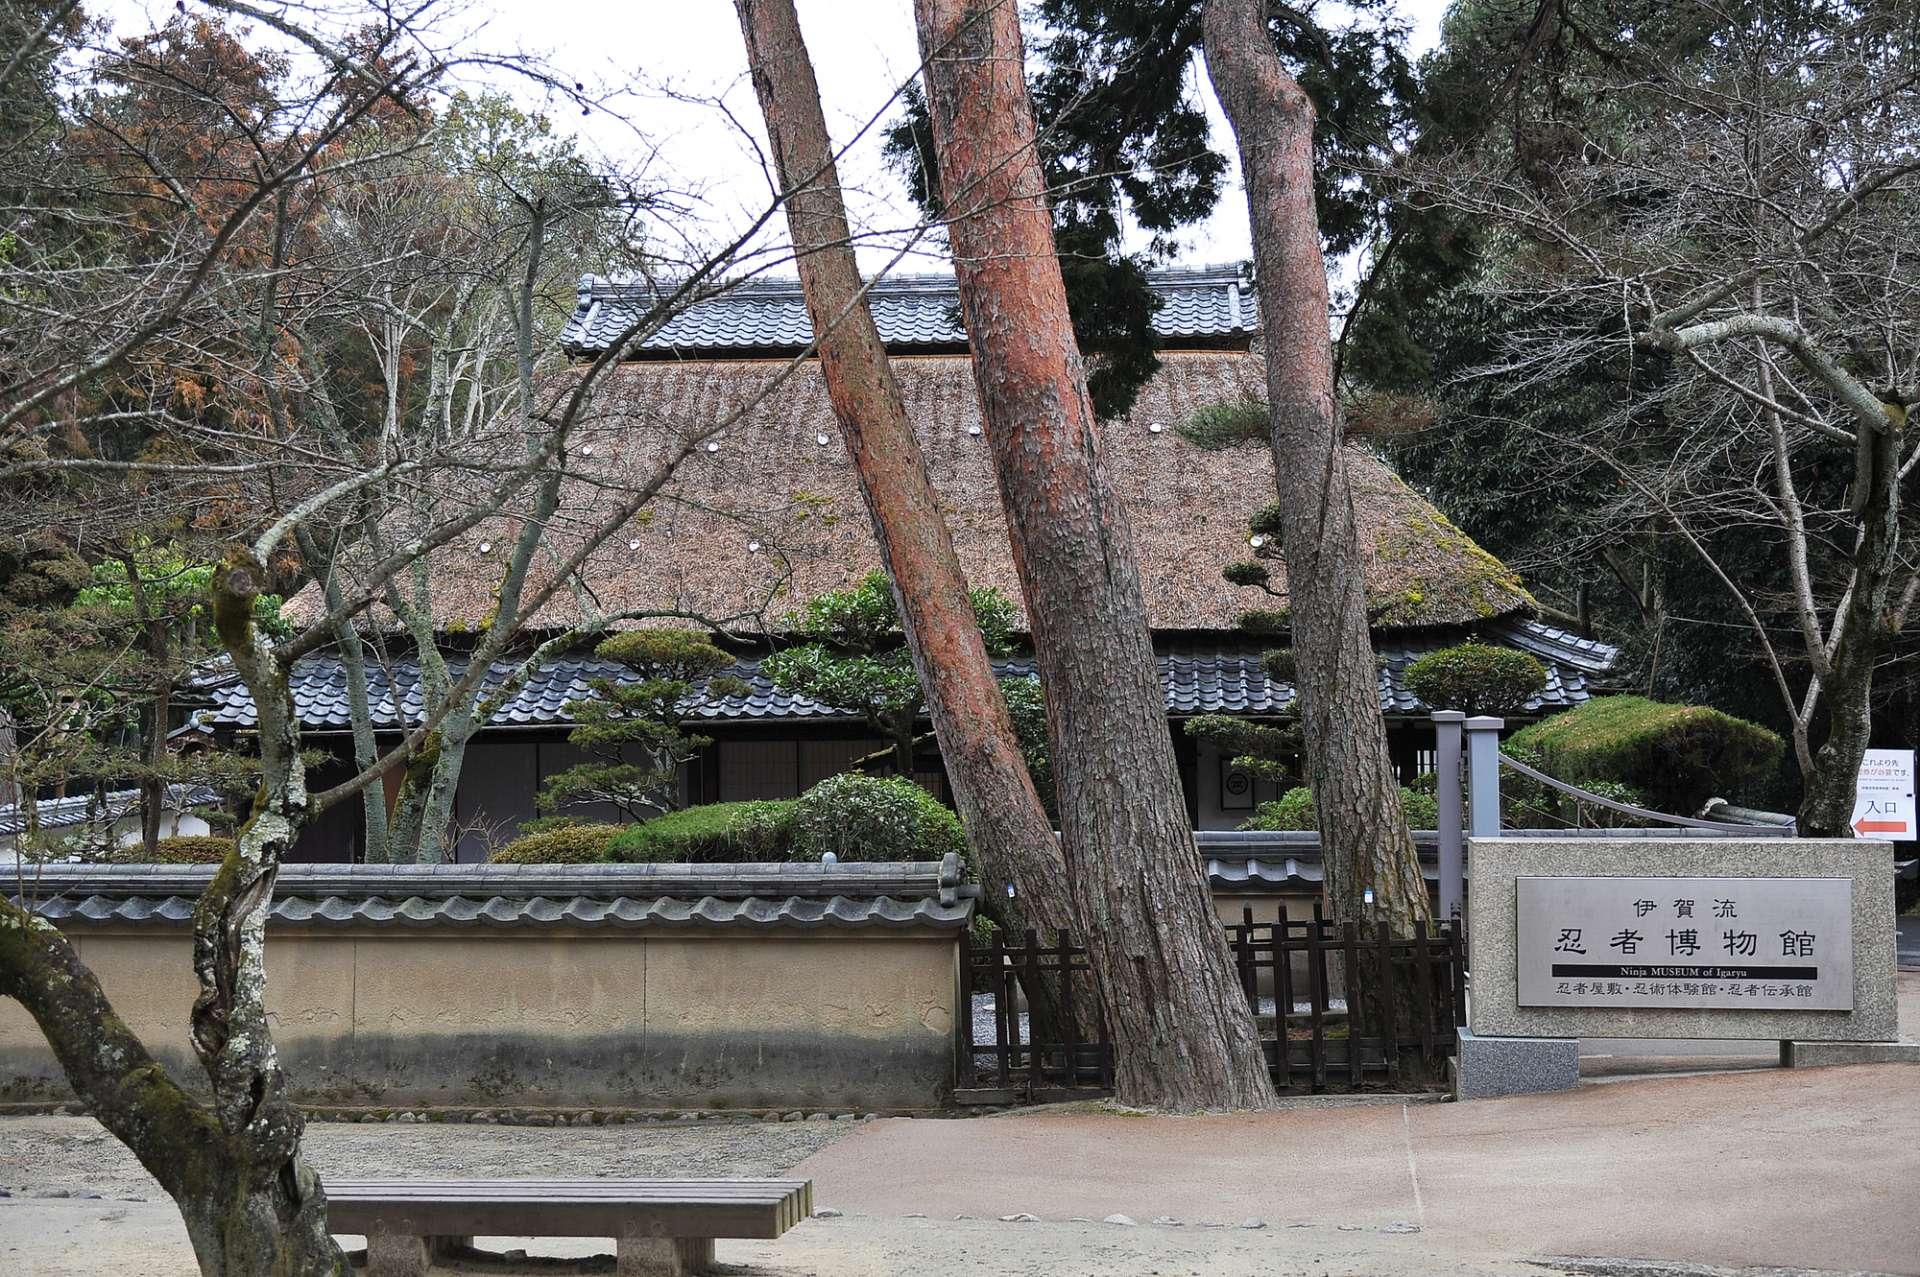 伊贺忍者博物馆、三重县、伊贺市、忍者宅邸、忍术